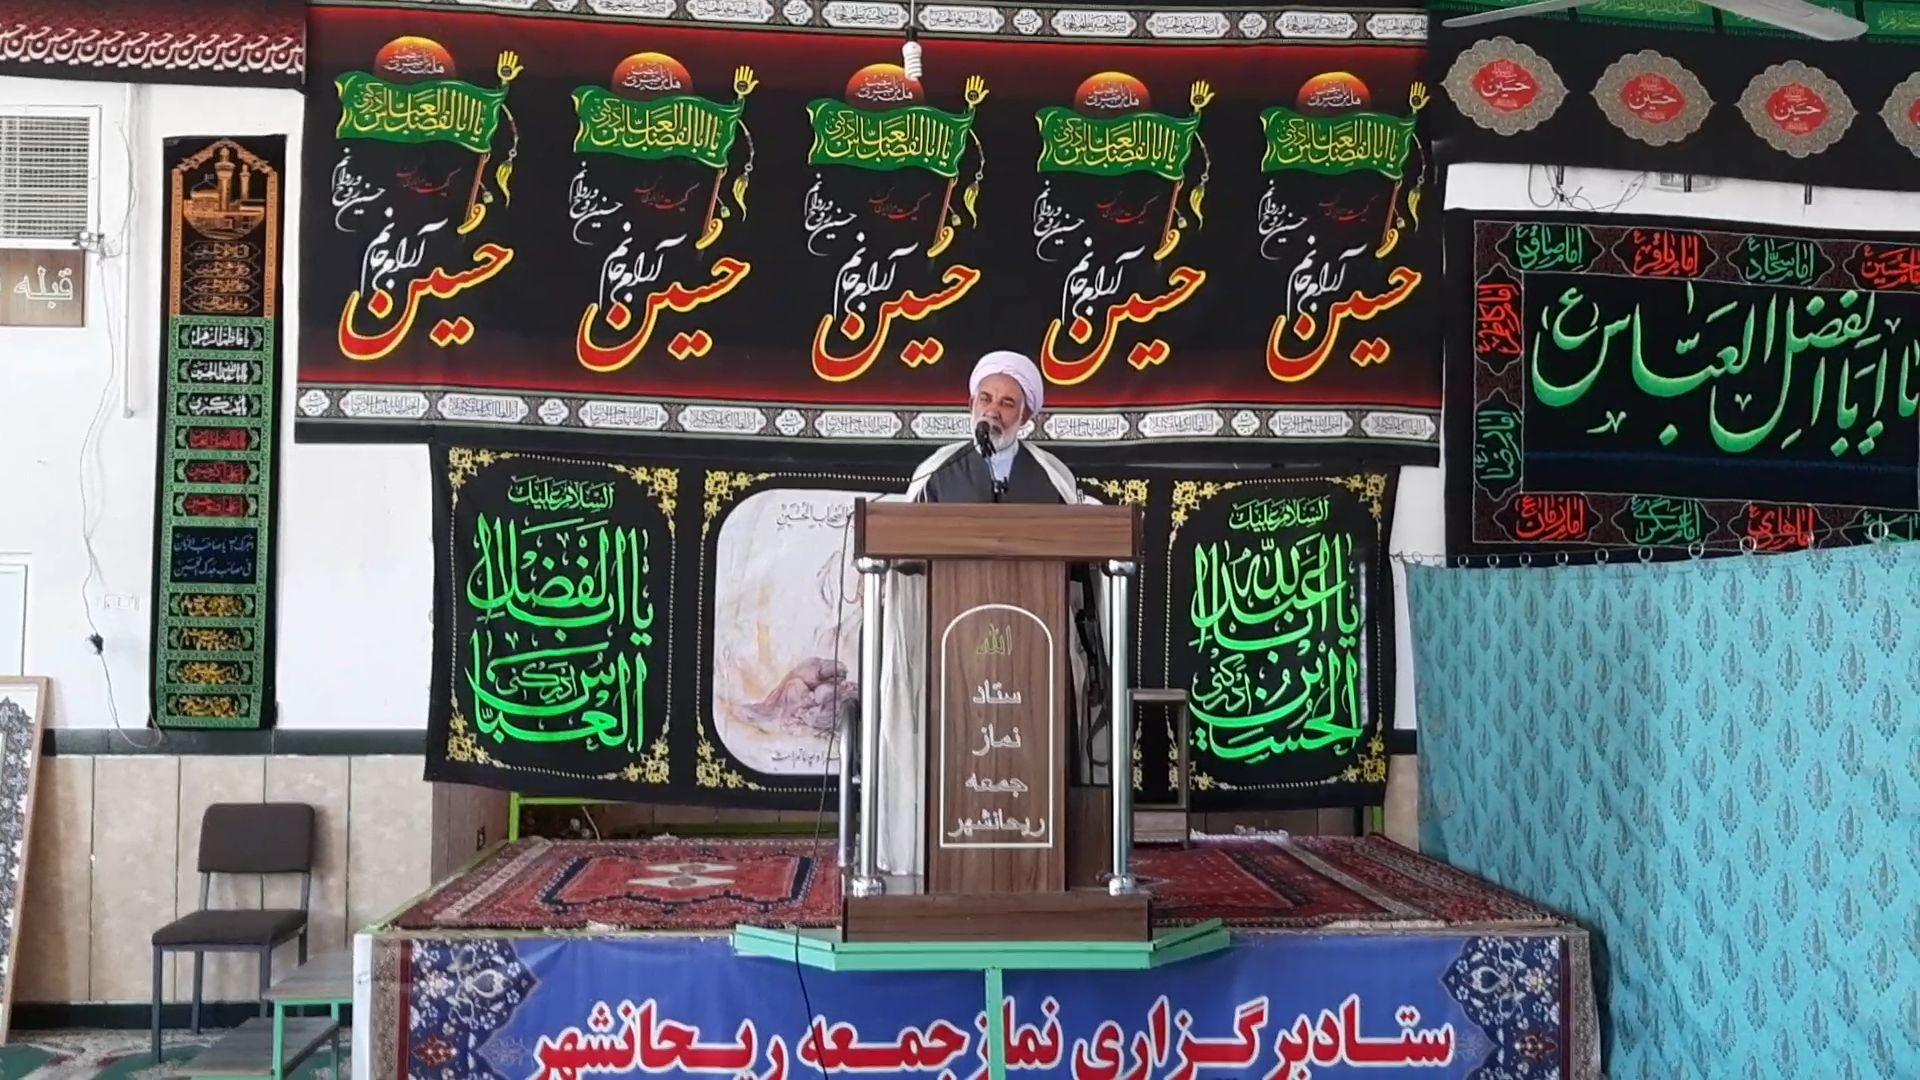 دشمنان نمیخواهند پرچم امام حسین (ع) بلند شود